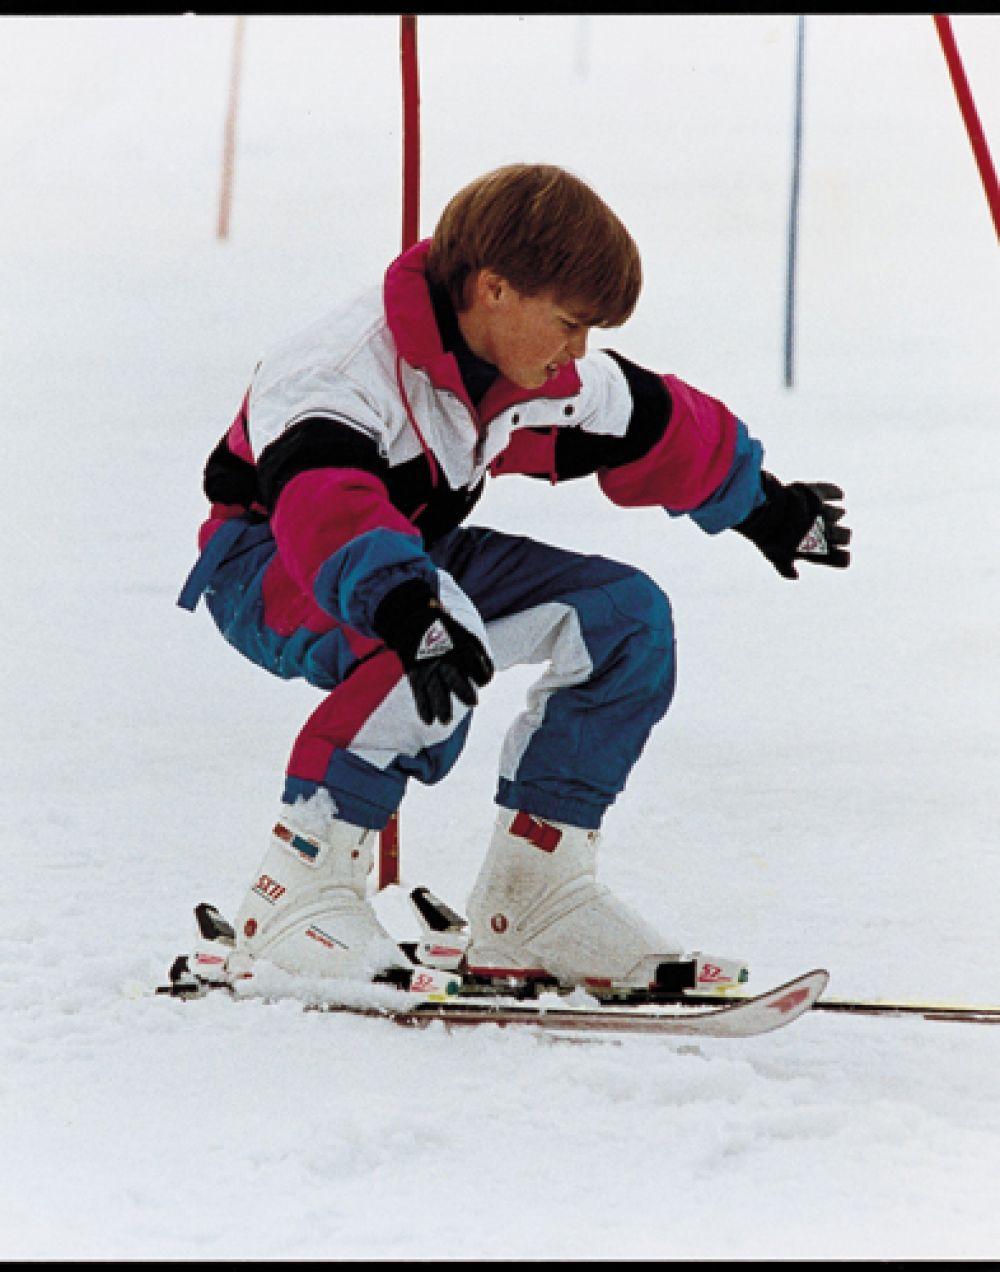 16 апреля 1991 года. Принц Уильям катается на горных лыжах в Лехе, Австрия, во время отпуска с родителями.